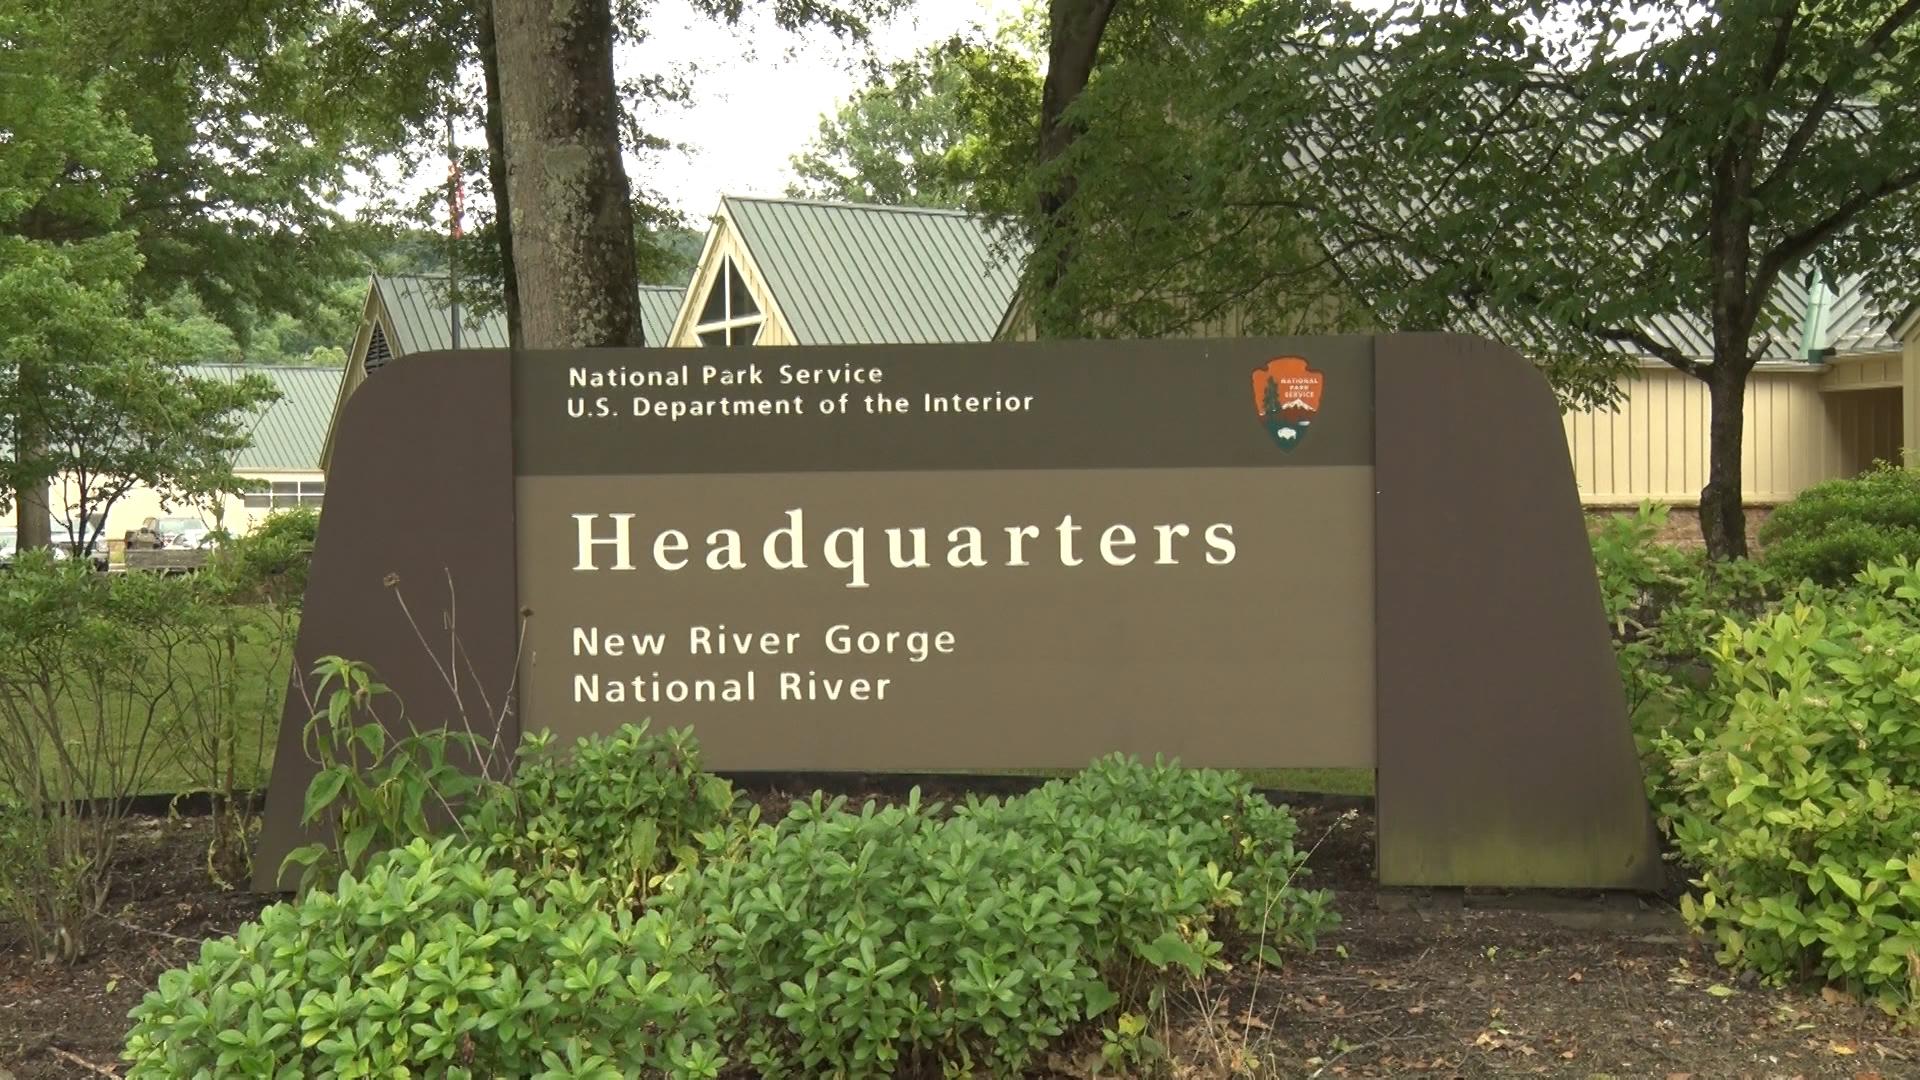 new river gorge national park.jpg